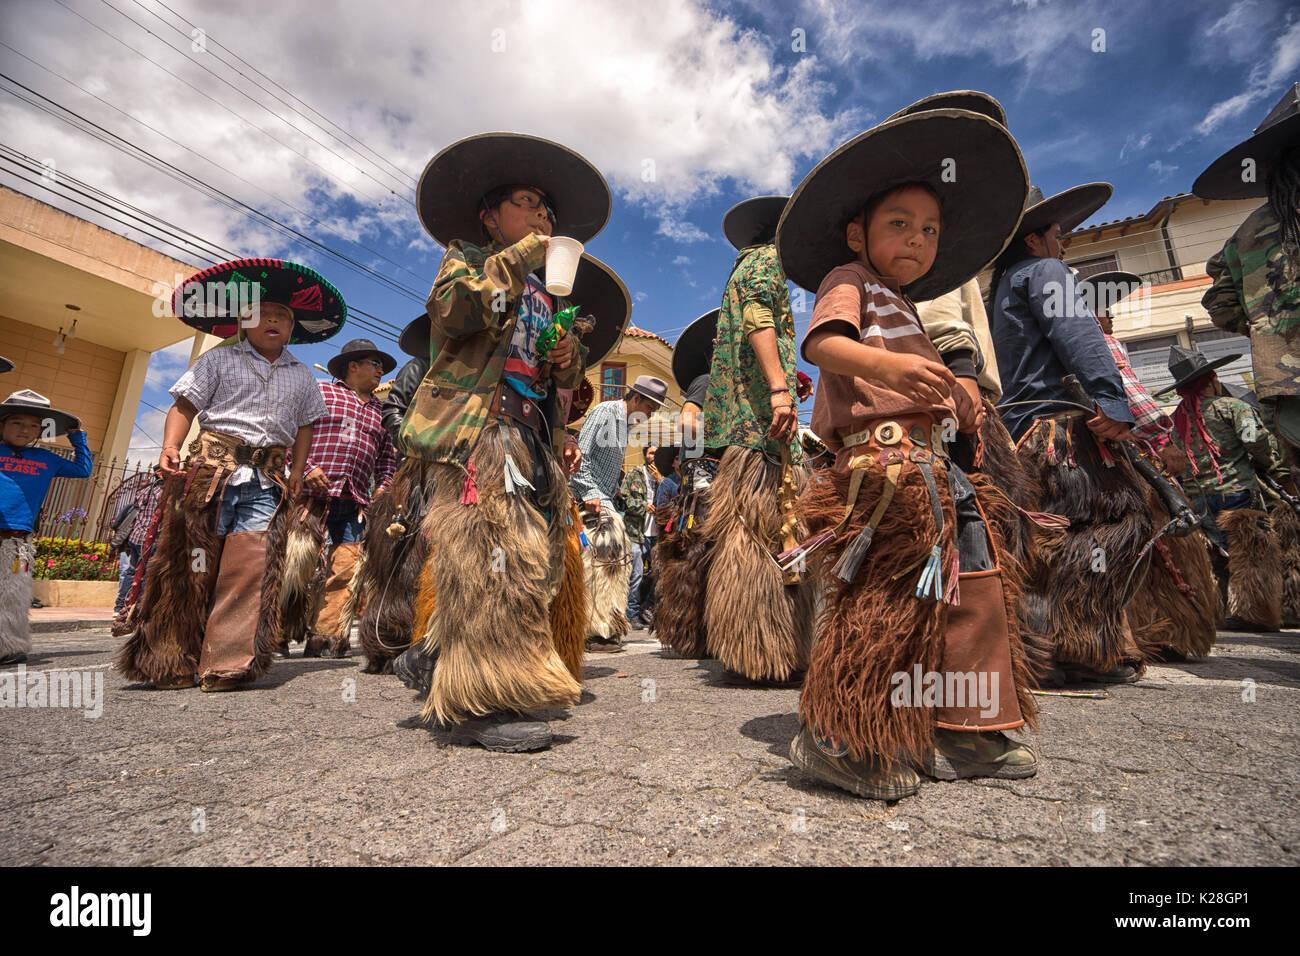 Giugno 25, 2017 Cotacachi, Ecuador: di tutte le età sono rappresentate al Inti Raymi parade di gli indigeni kichwa città Immagini Stock